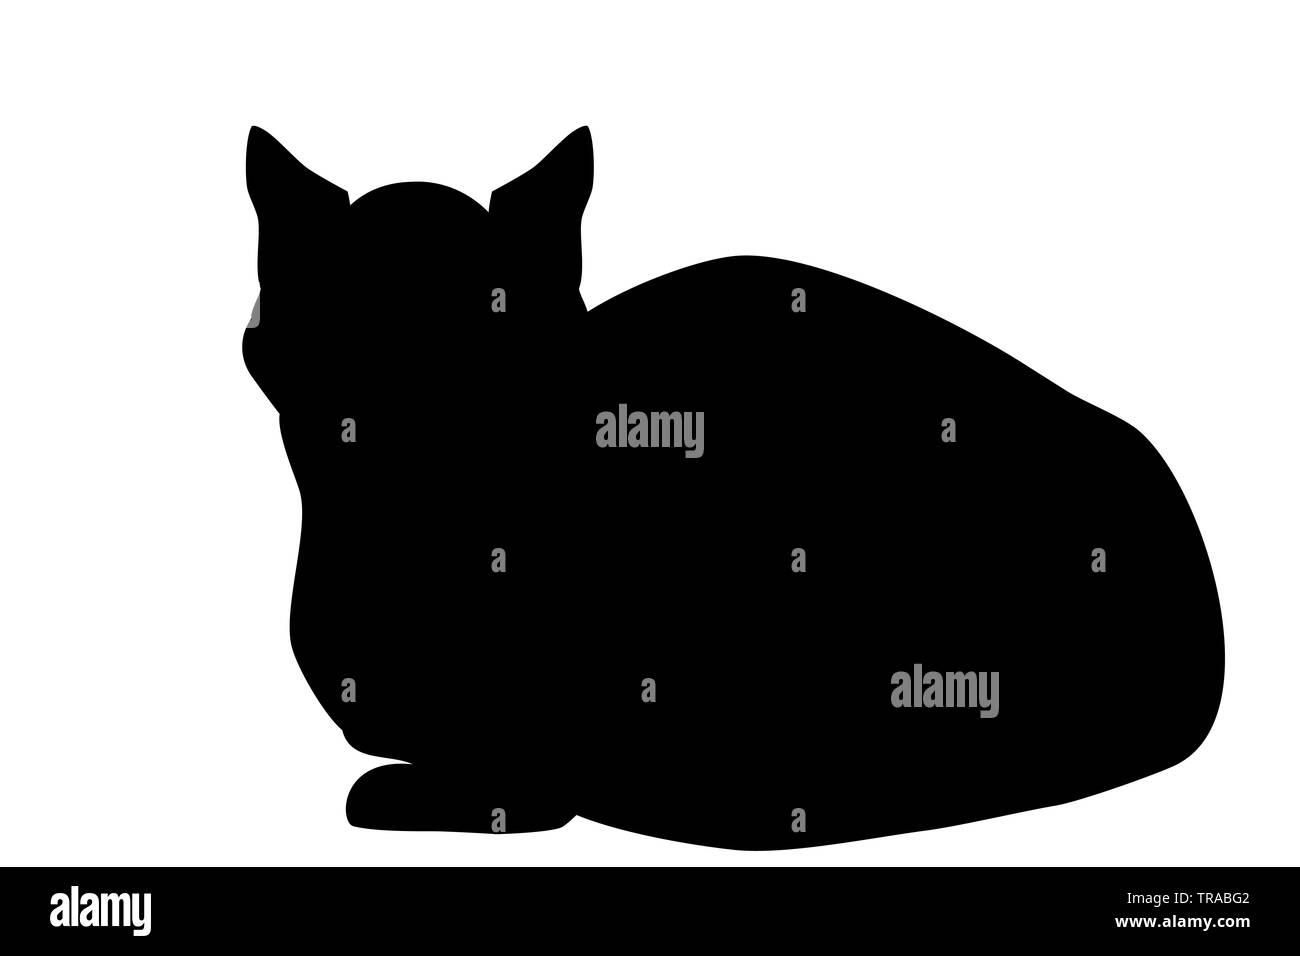 Gatto siamese gatto seduto silhouette isolati su sfondo bianco. Kitten semplice icona, EPS vettoriali 10 Immagini Stock